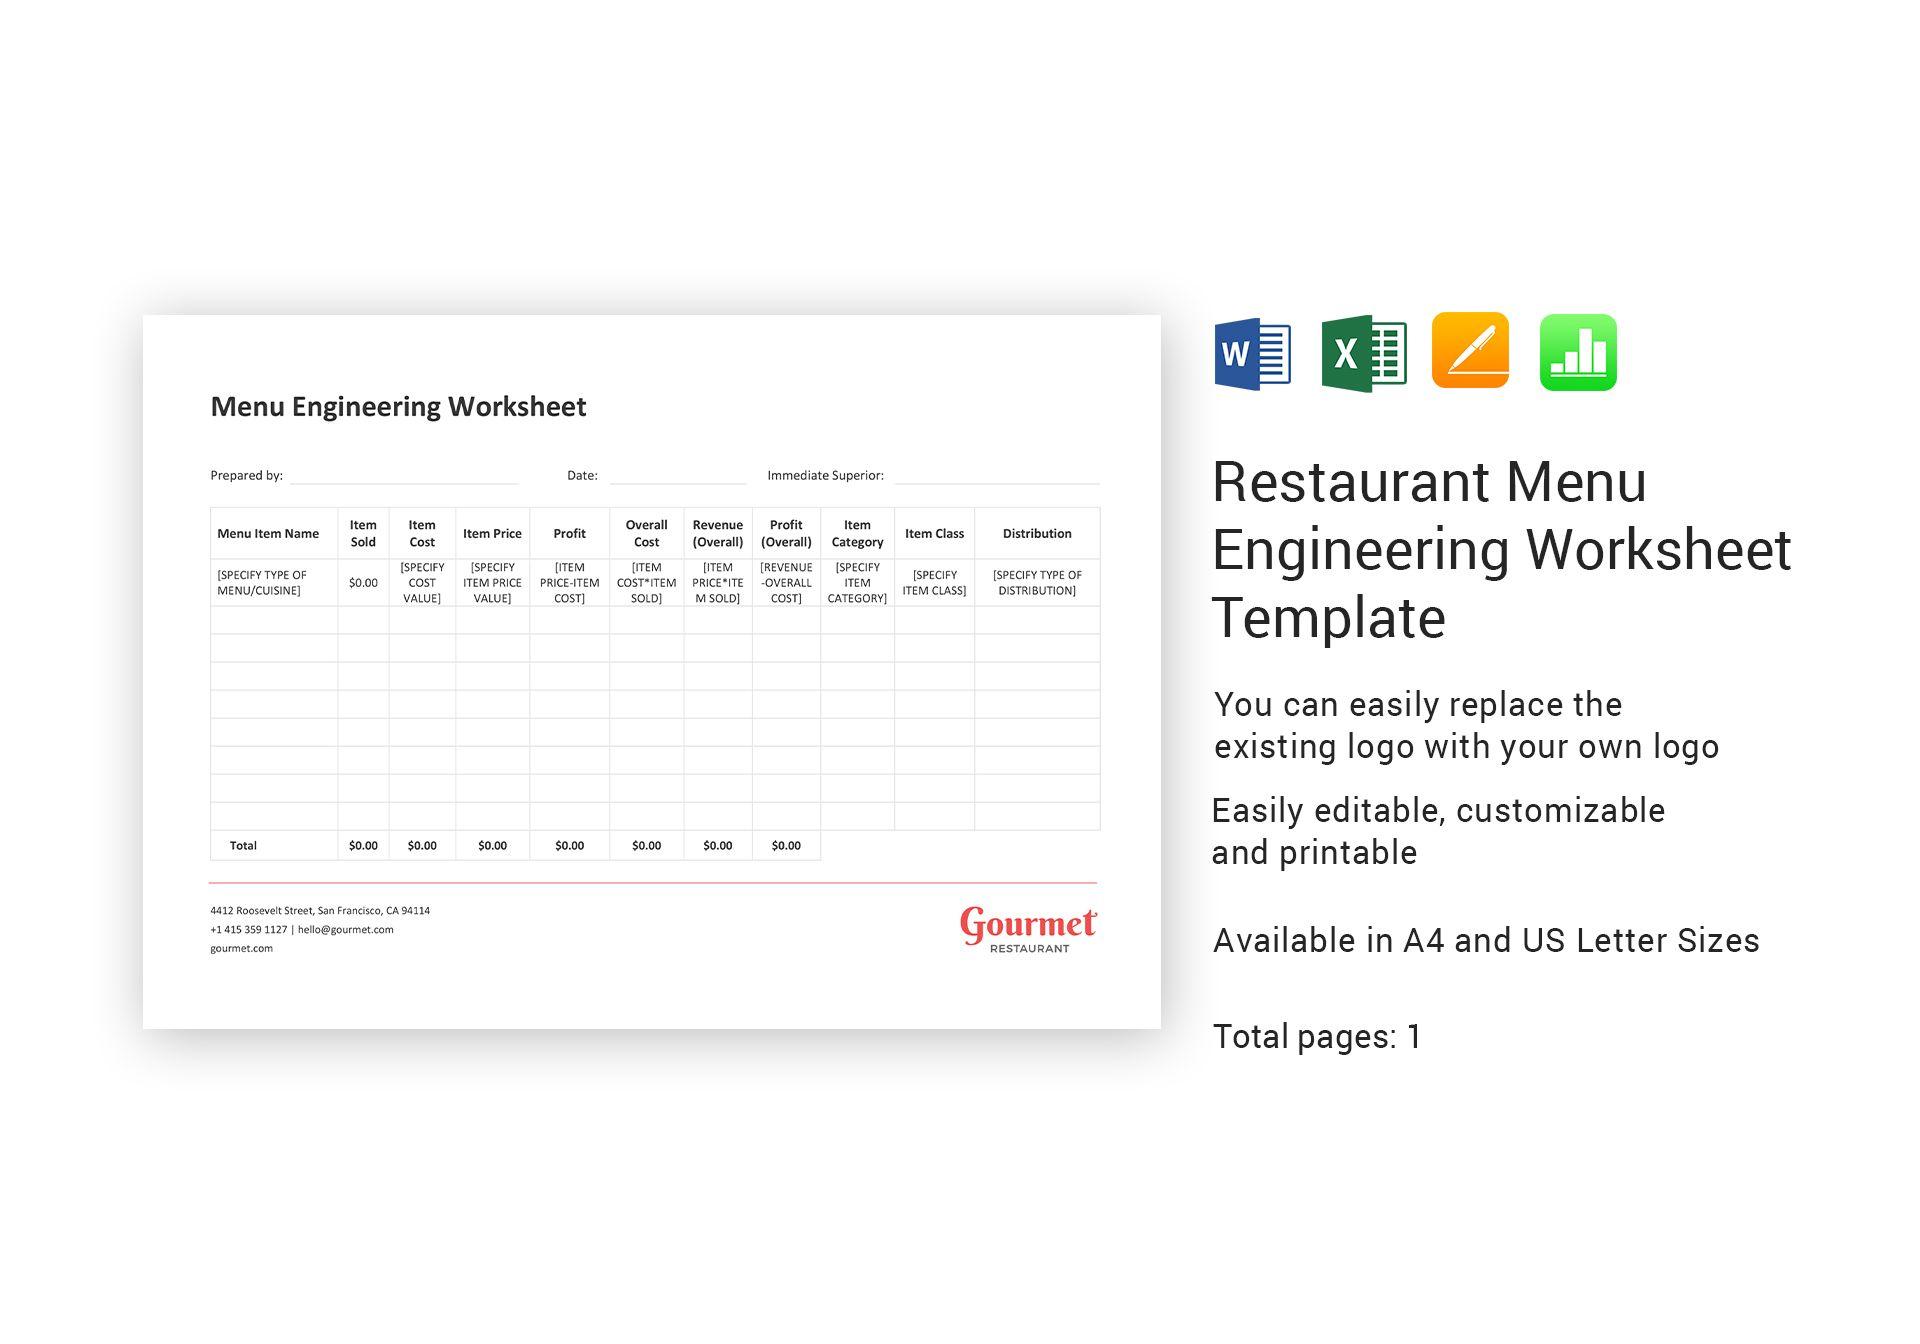 Restaurant Menu Engineering Worksheet Template In Word